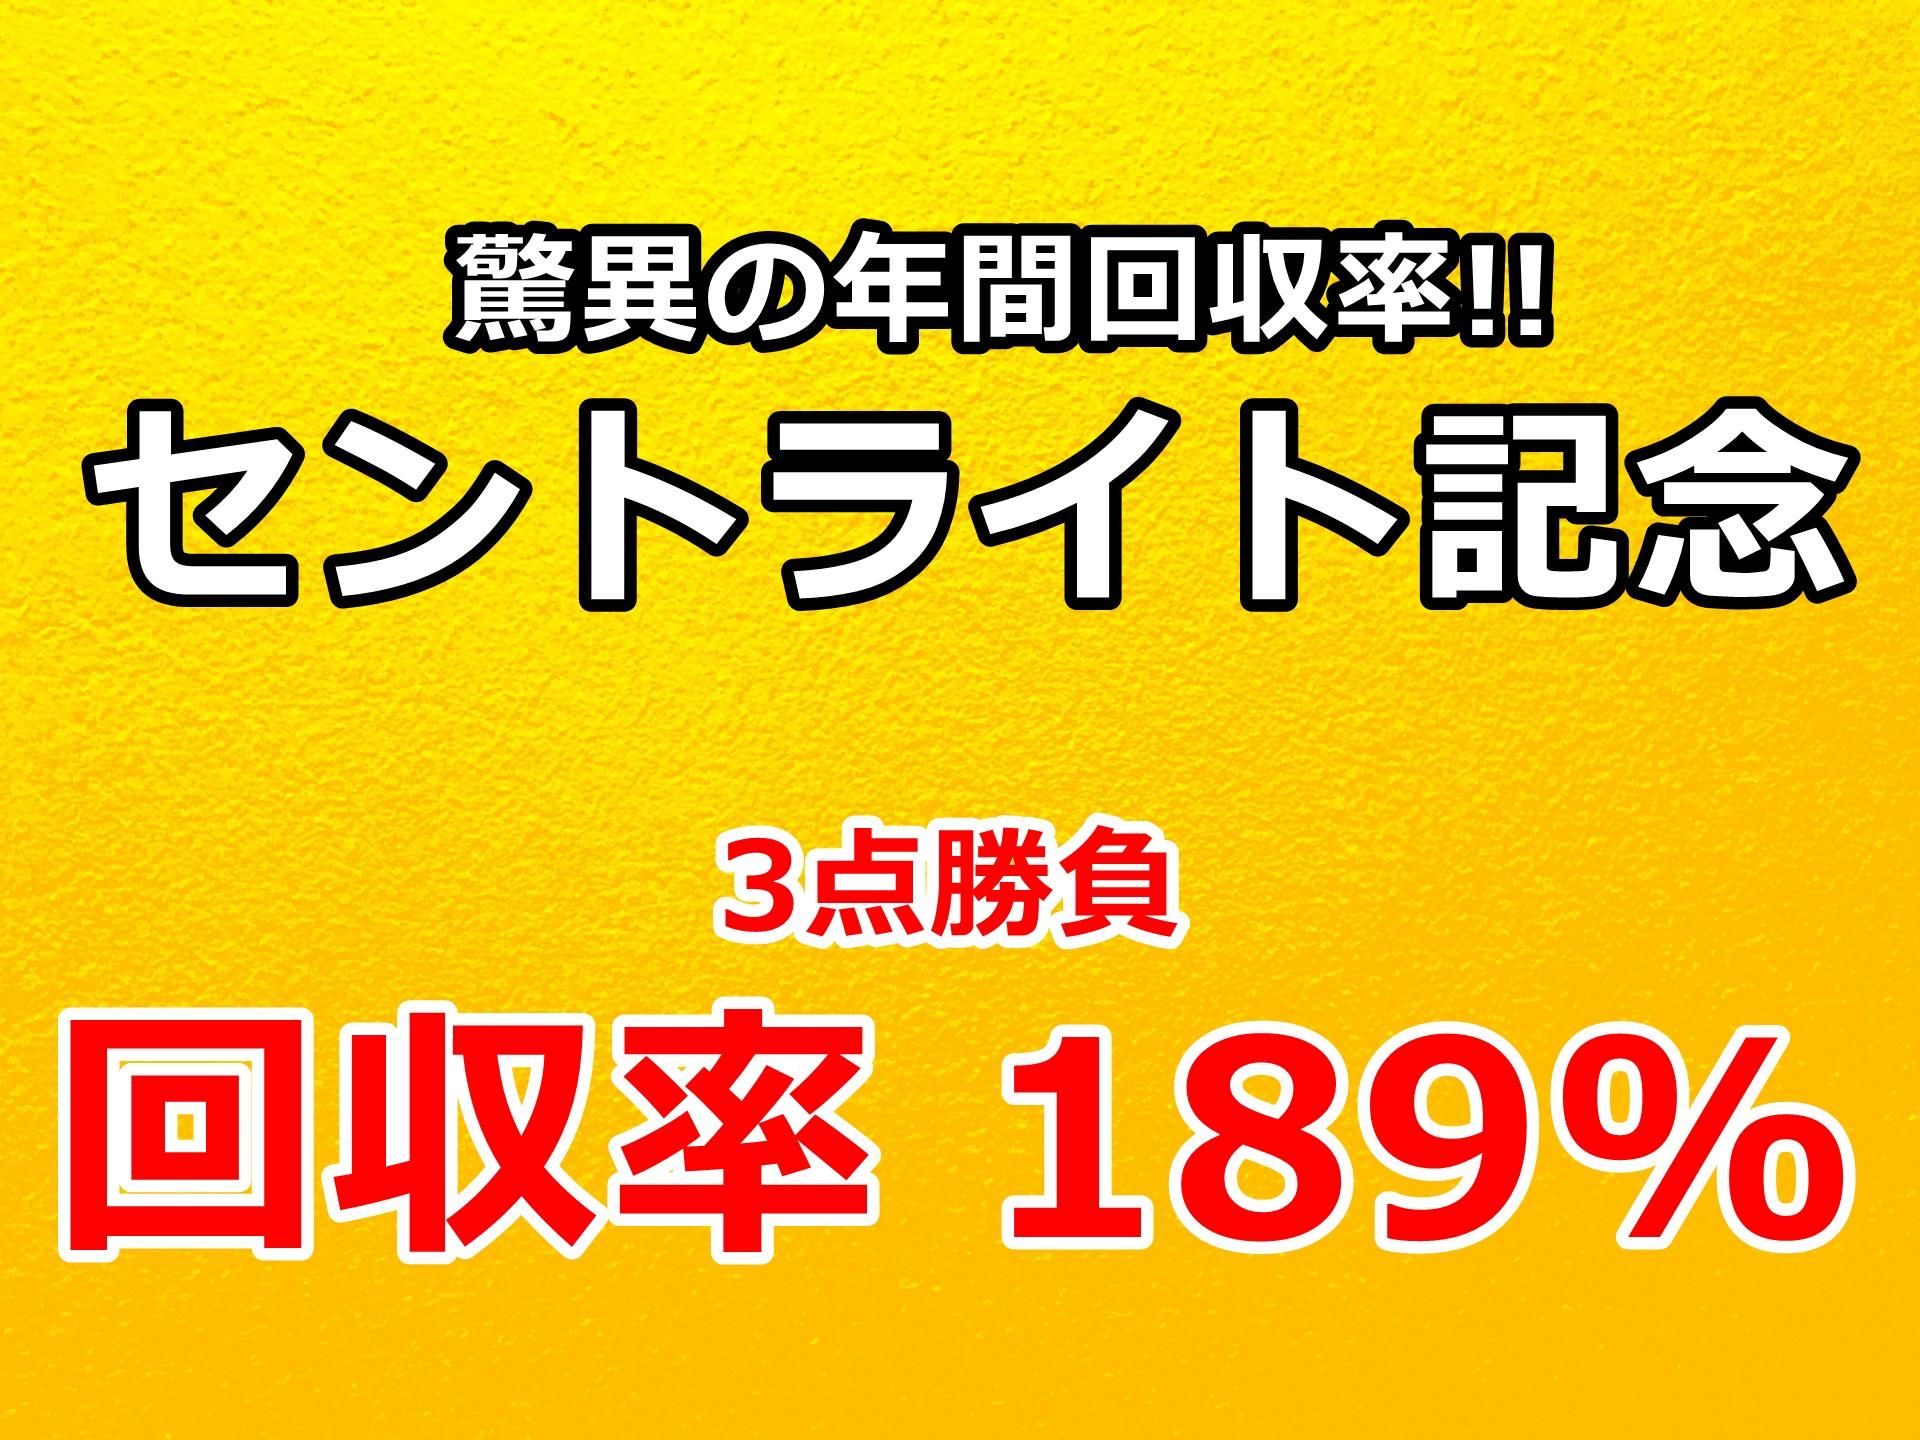 セントライト記念2020 予想 3点勝負【驚異! 年間回収率 189%】